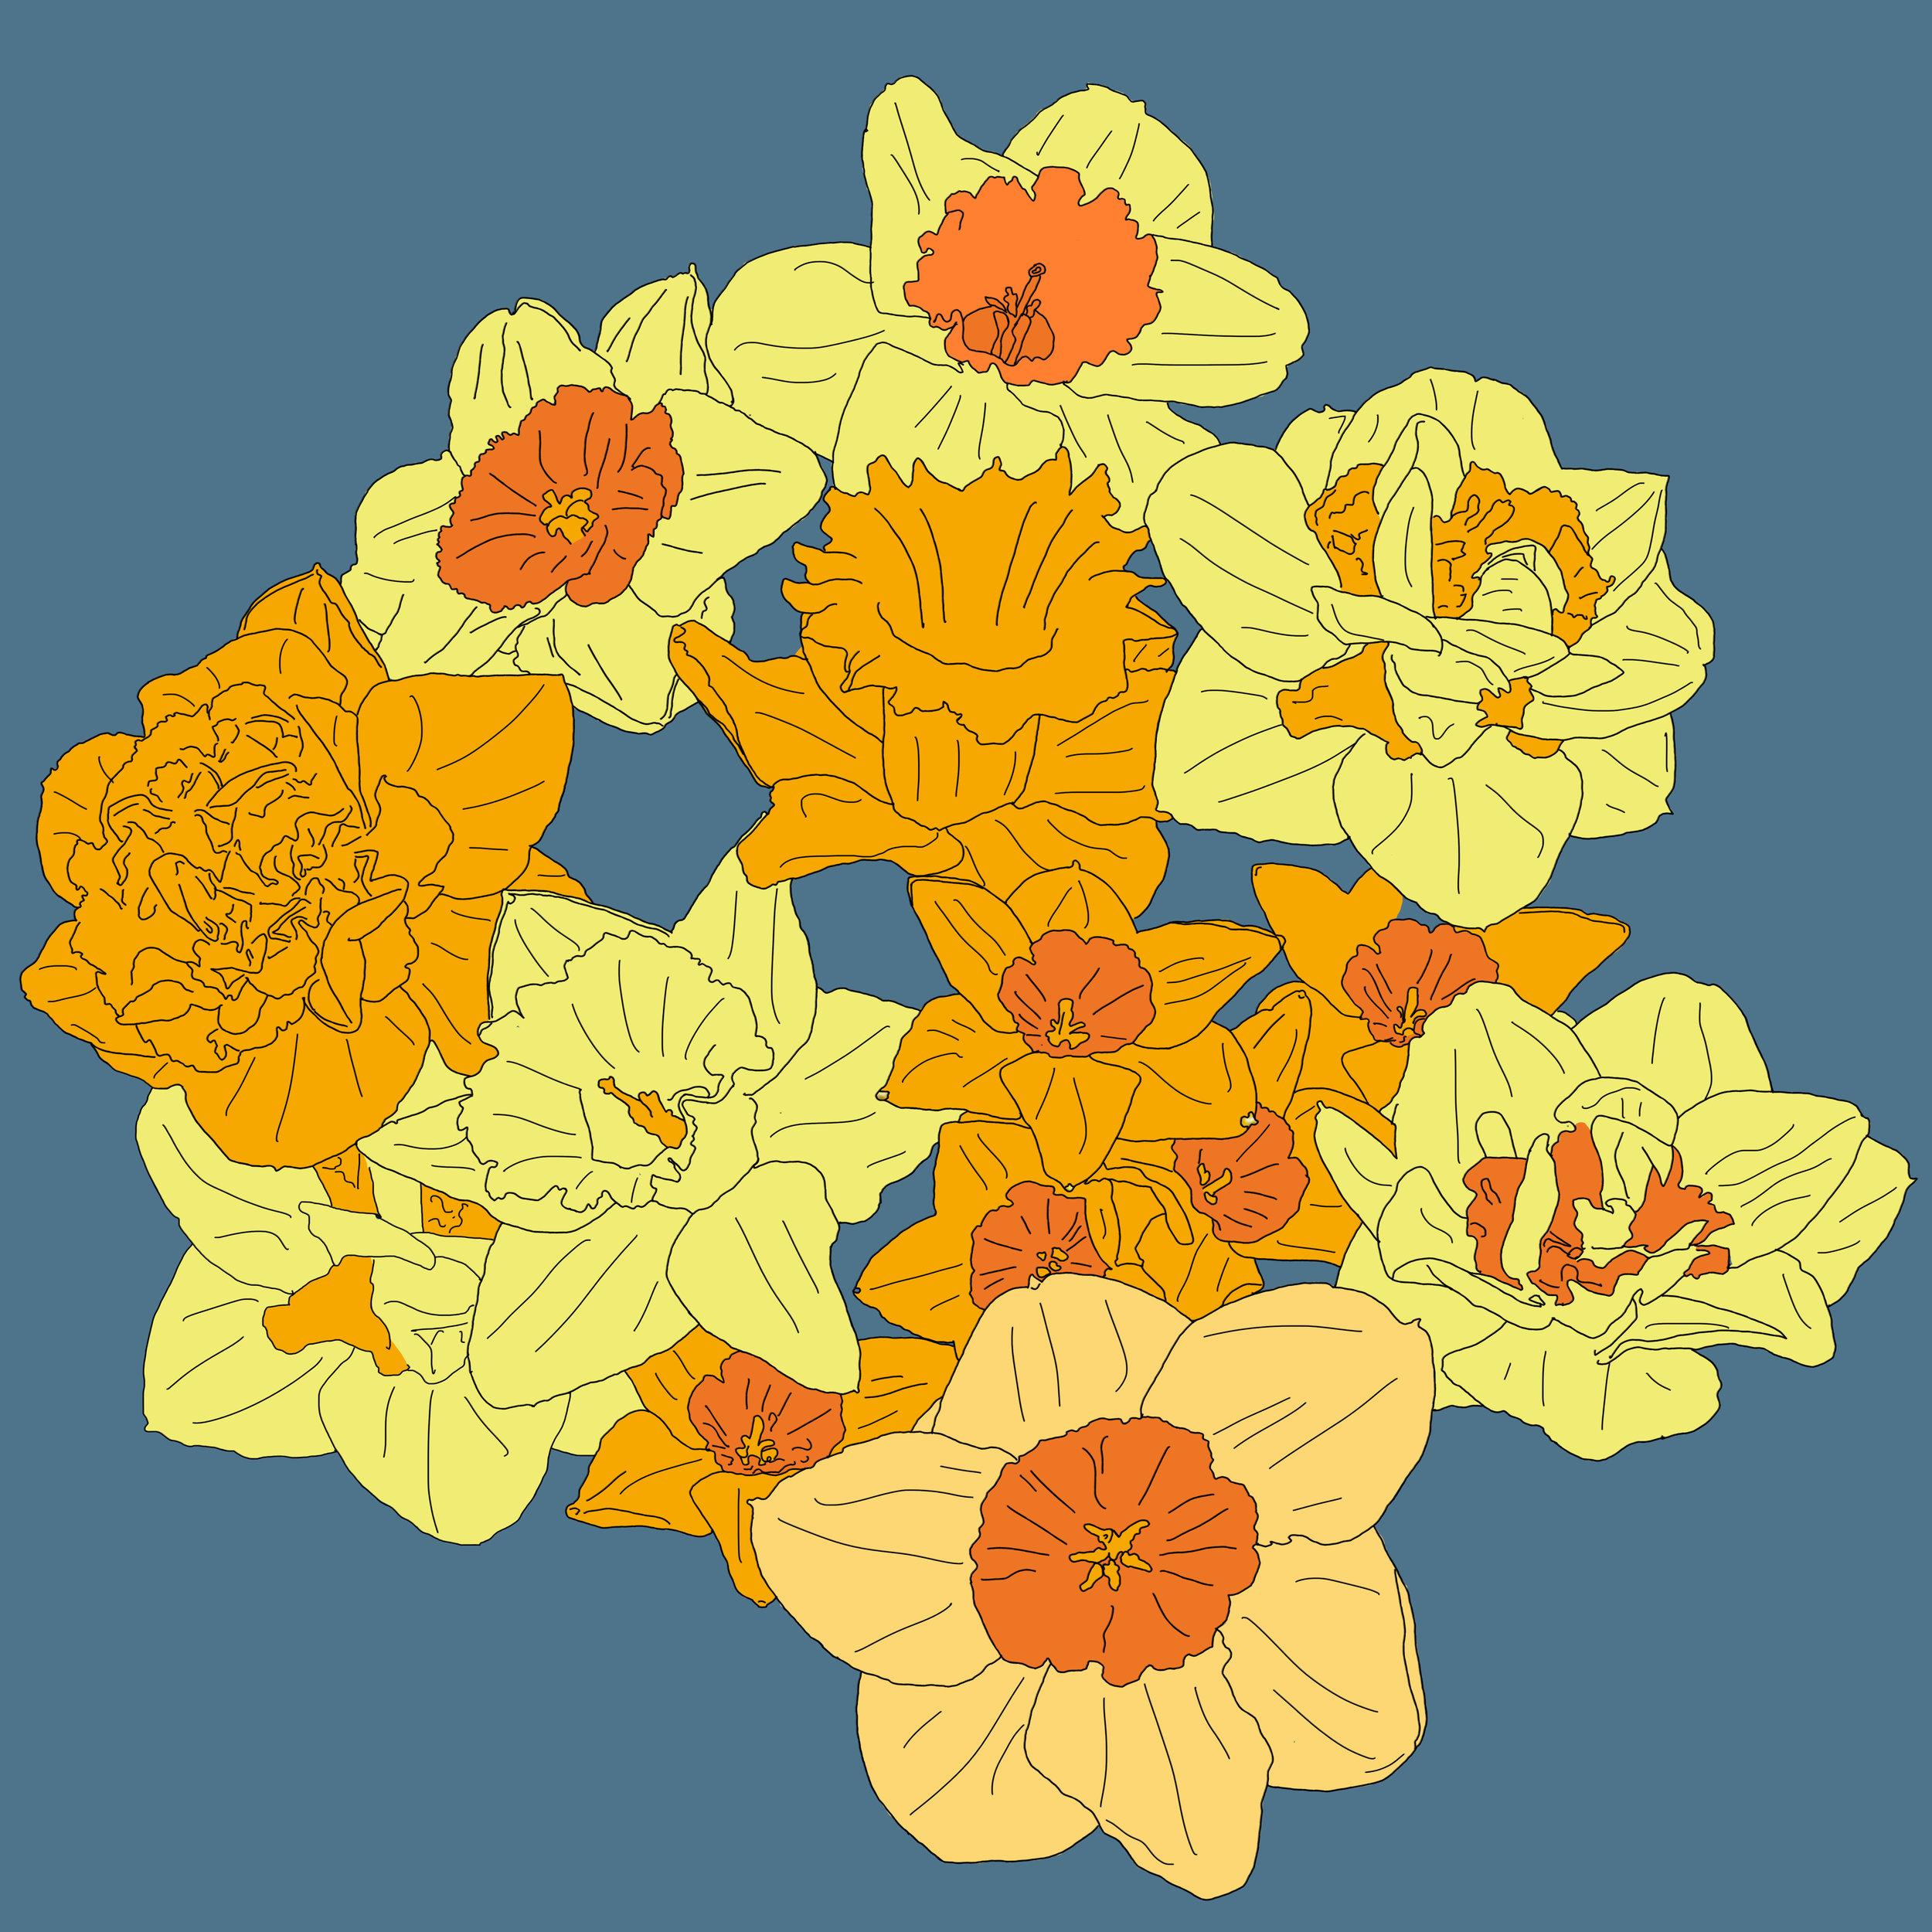 07_Flowers.jpg